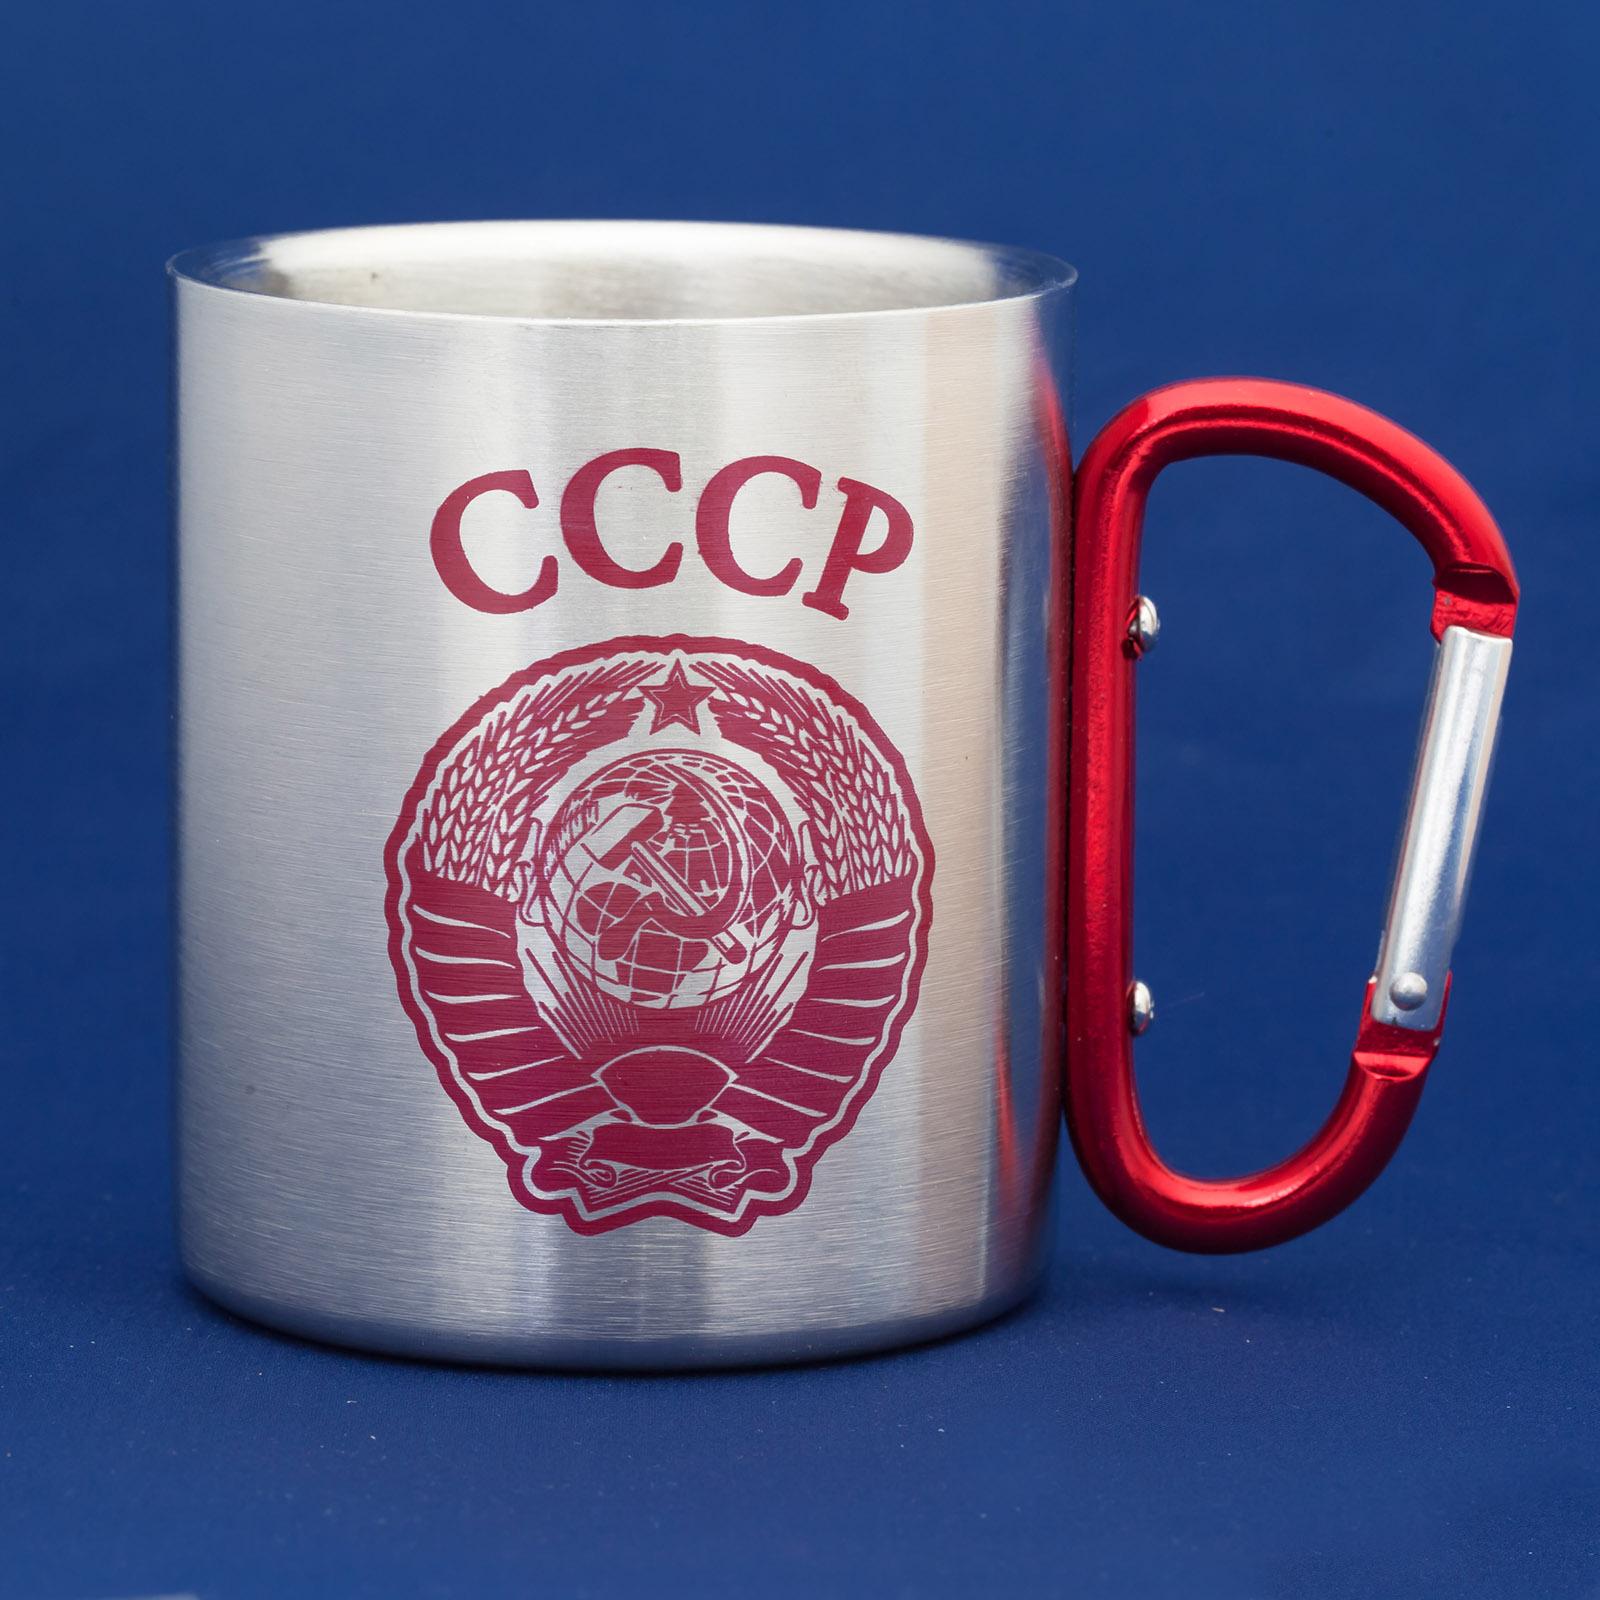 Тактические кружки из нержавейки в советском дизайне